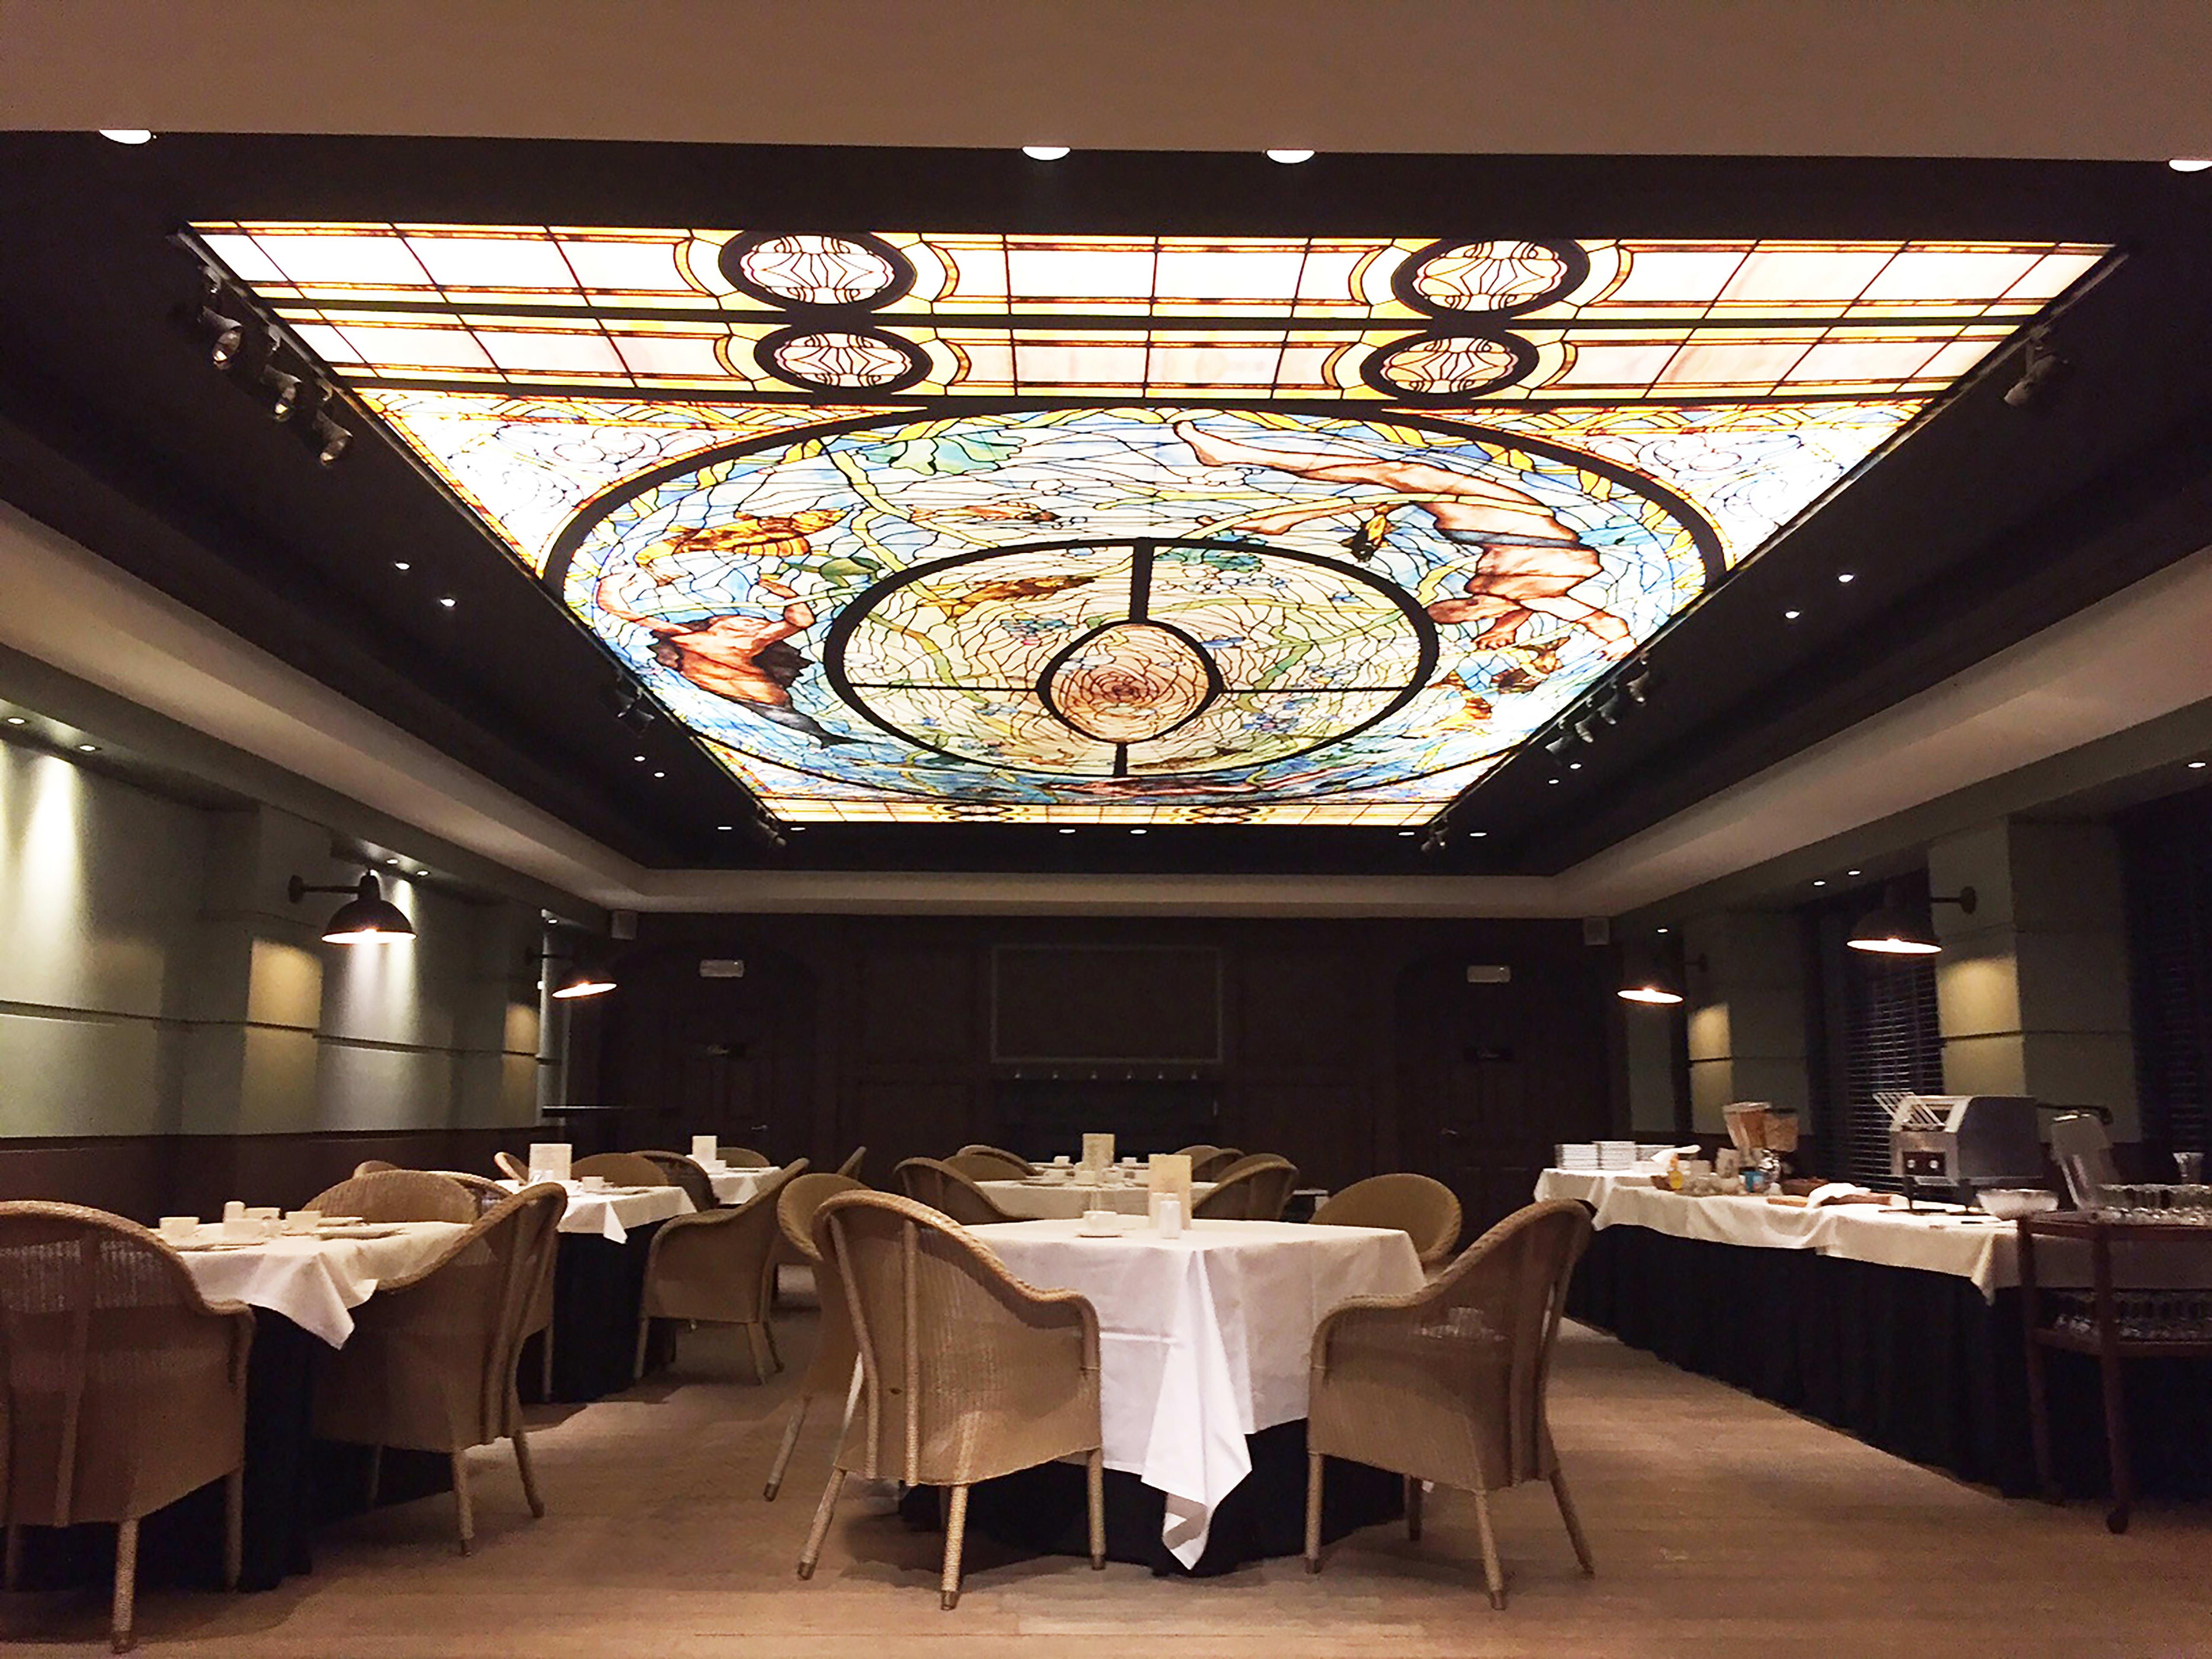 Restaurant Monavis Essensbereich mit beleuchteter Spanndecke mit Print